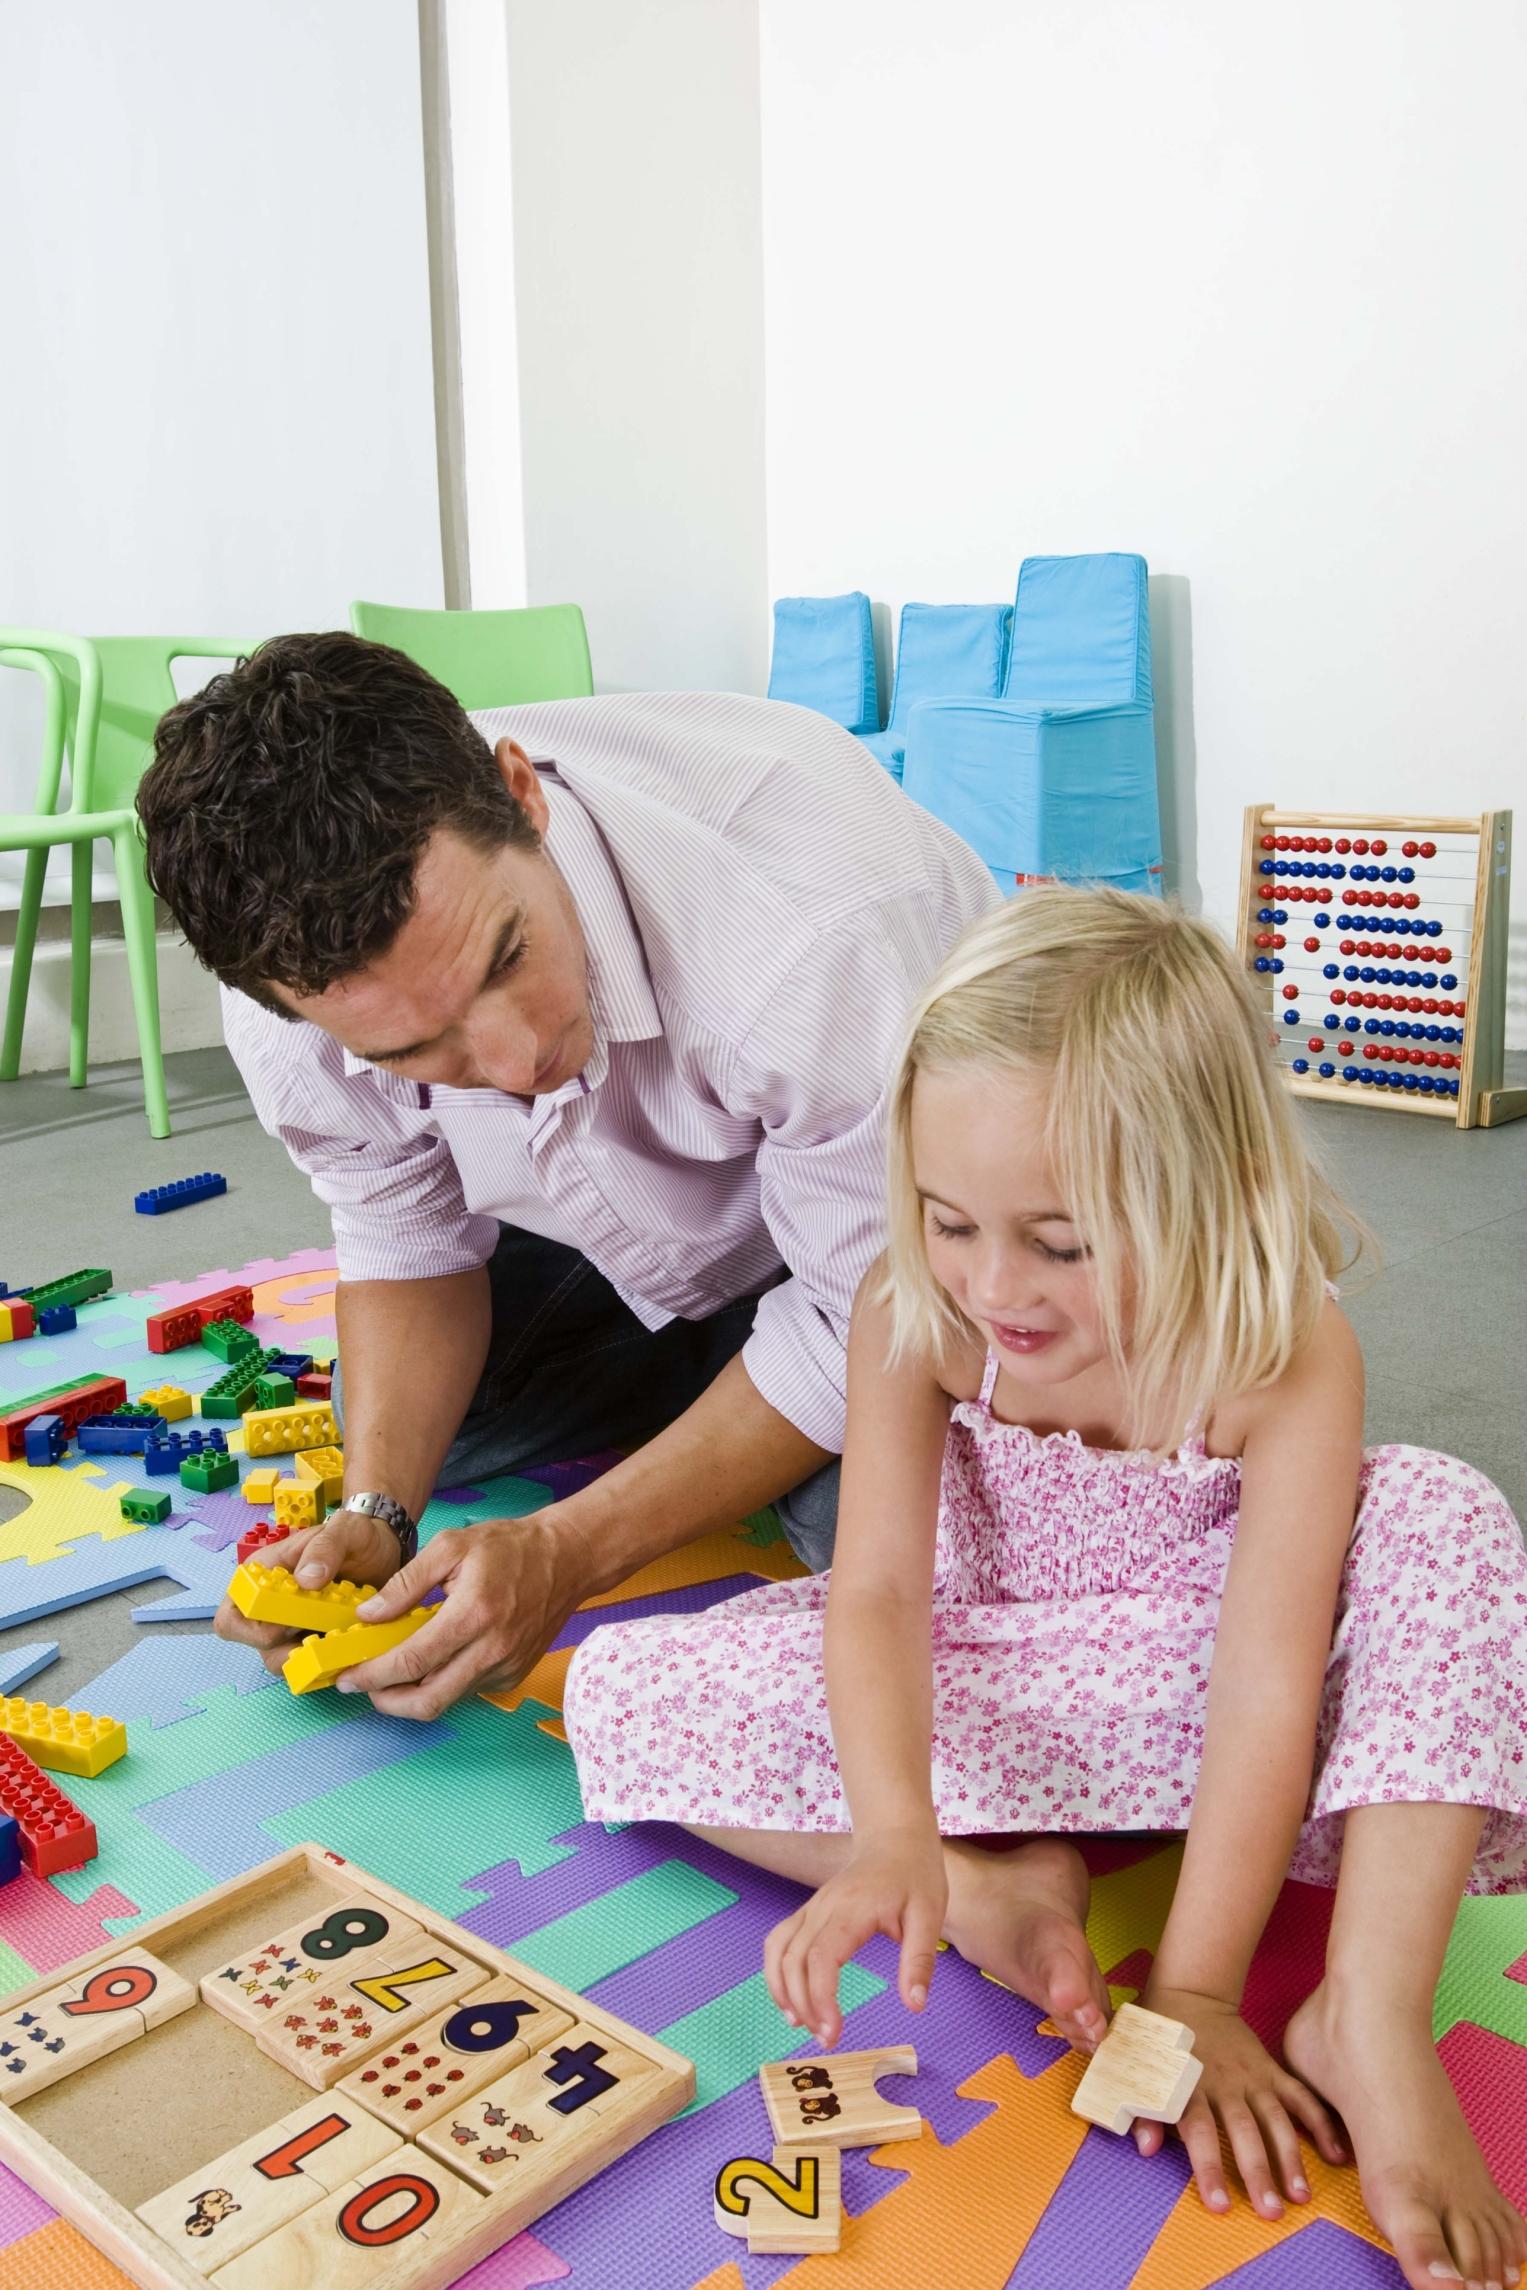 Juguetes Para Instrucciones Hacer Montessori Que Enseñan fg6yvYmIb7